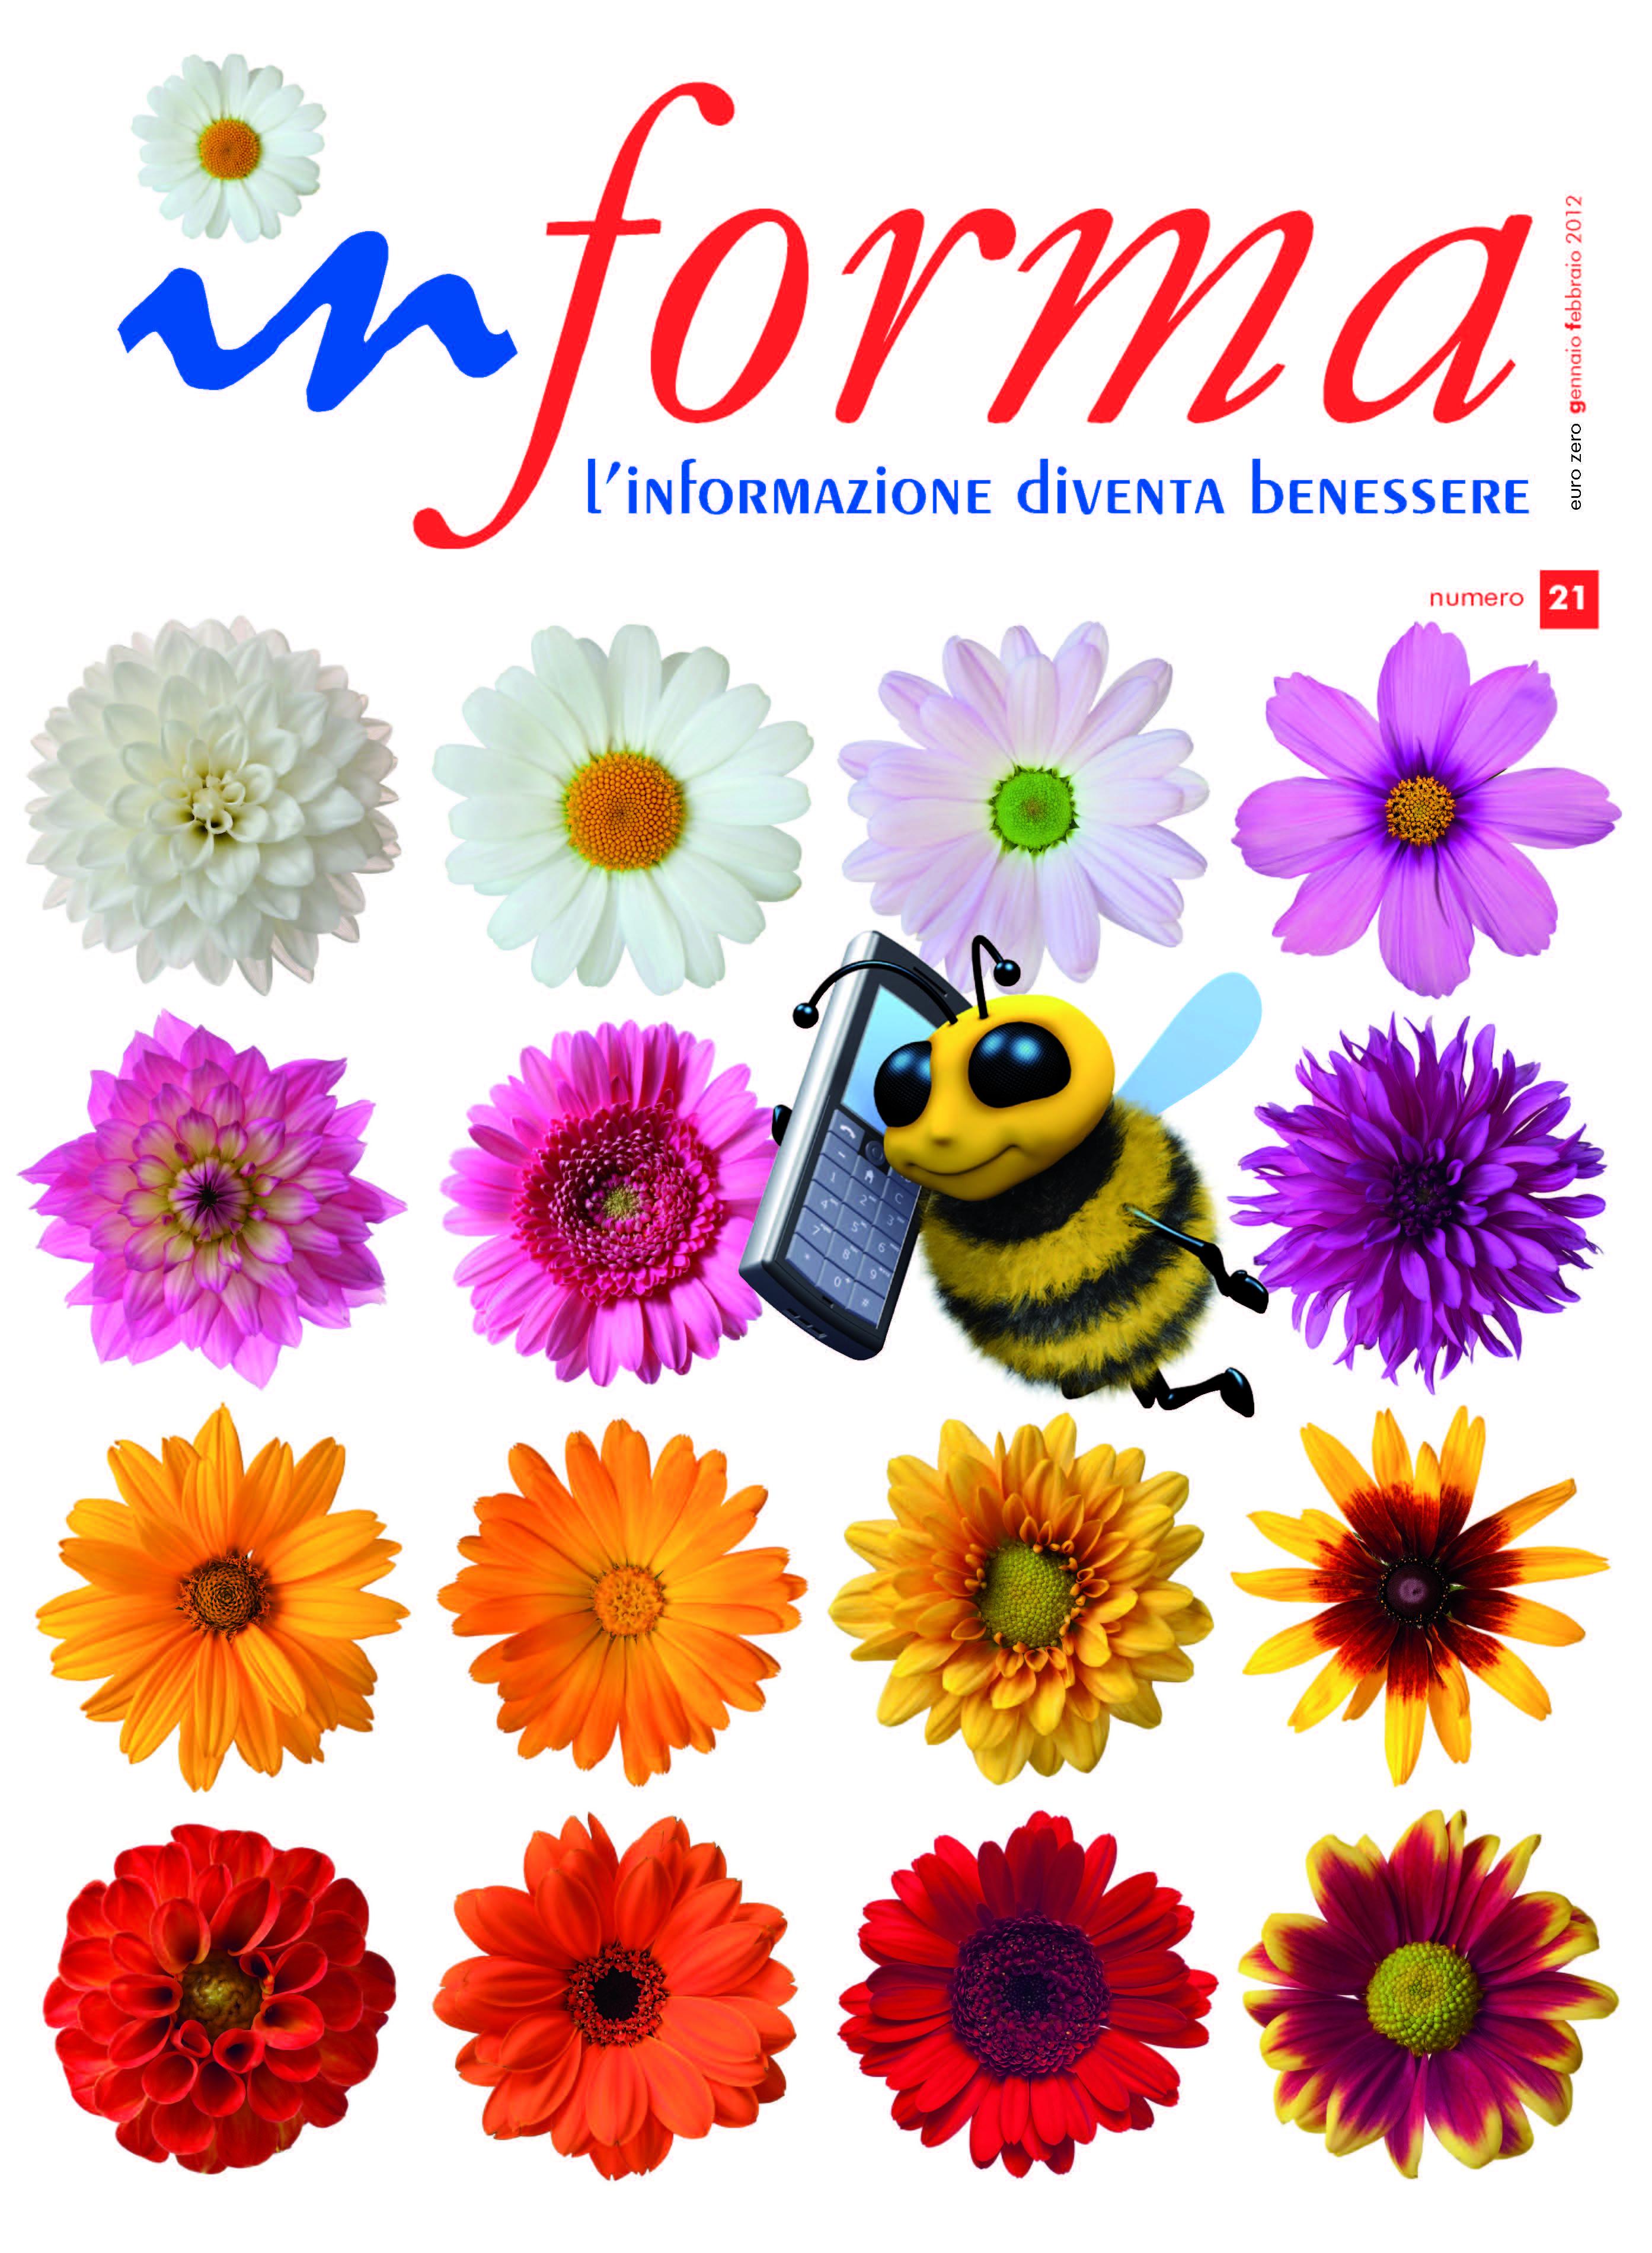 La copertina rappresenta in primo piano un ape che volando parla al cellulare, lo sfondo e' un prato fiorito